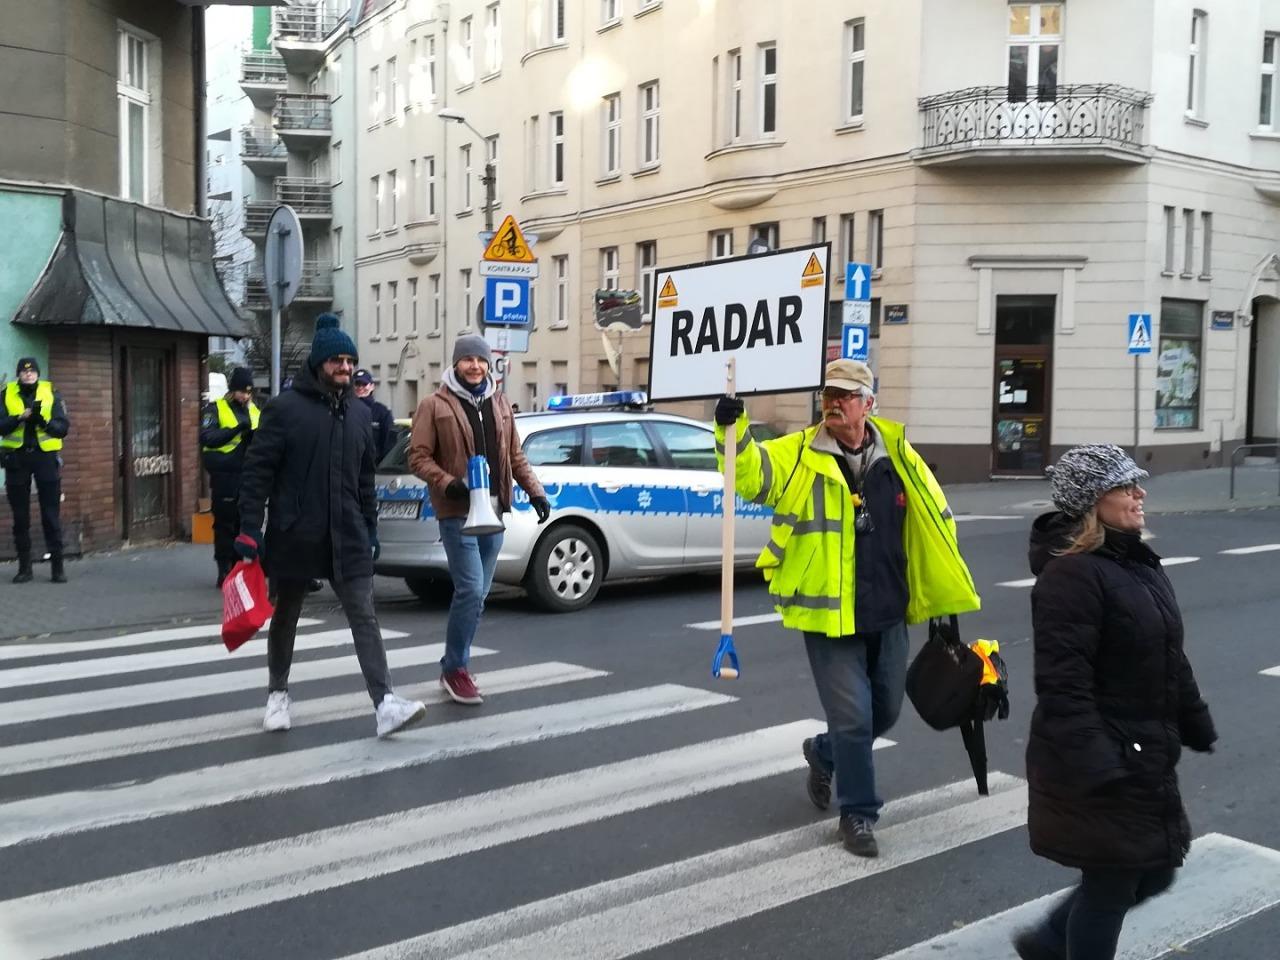 radni jeżyce demonstracja pasy przejście dla pieszych akcja zebra - Krzysztof Polasik - Radio Poznań